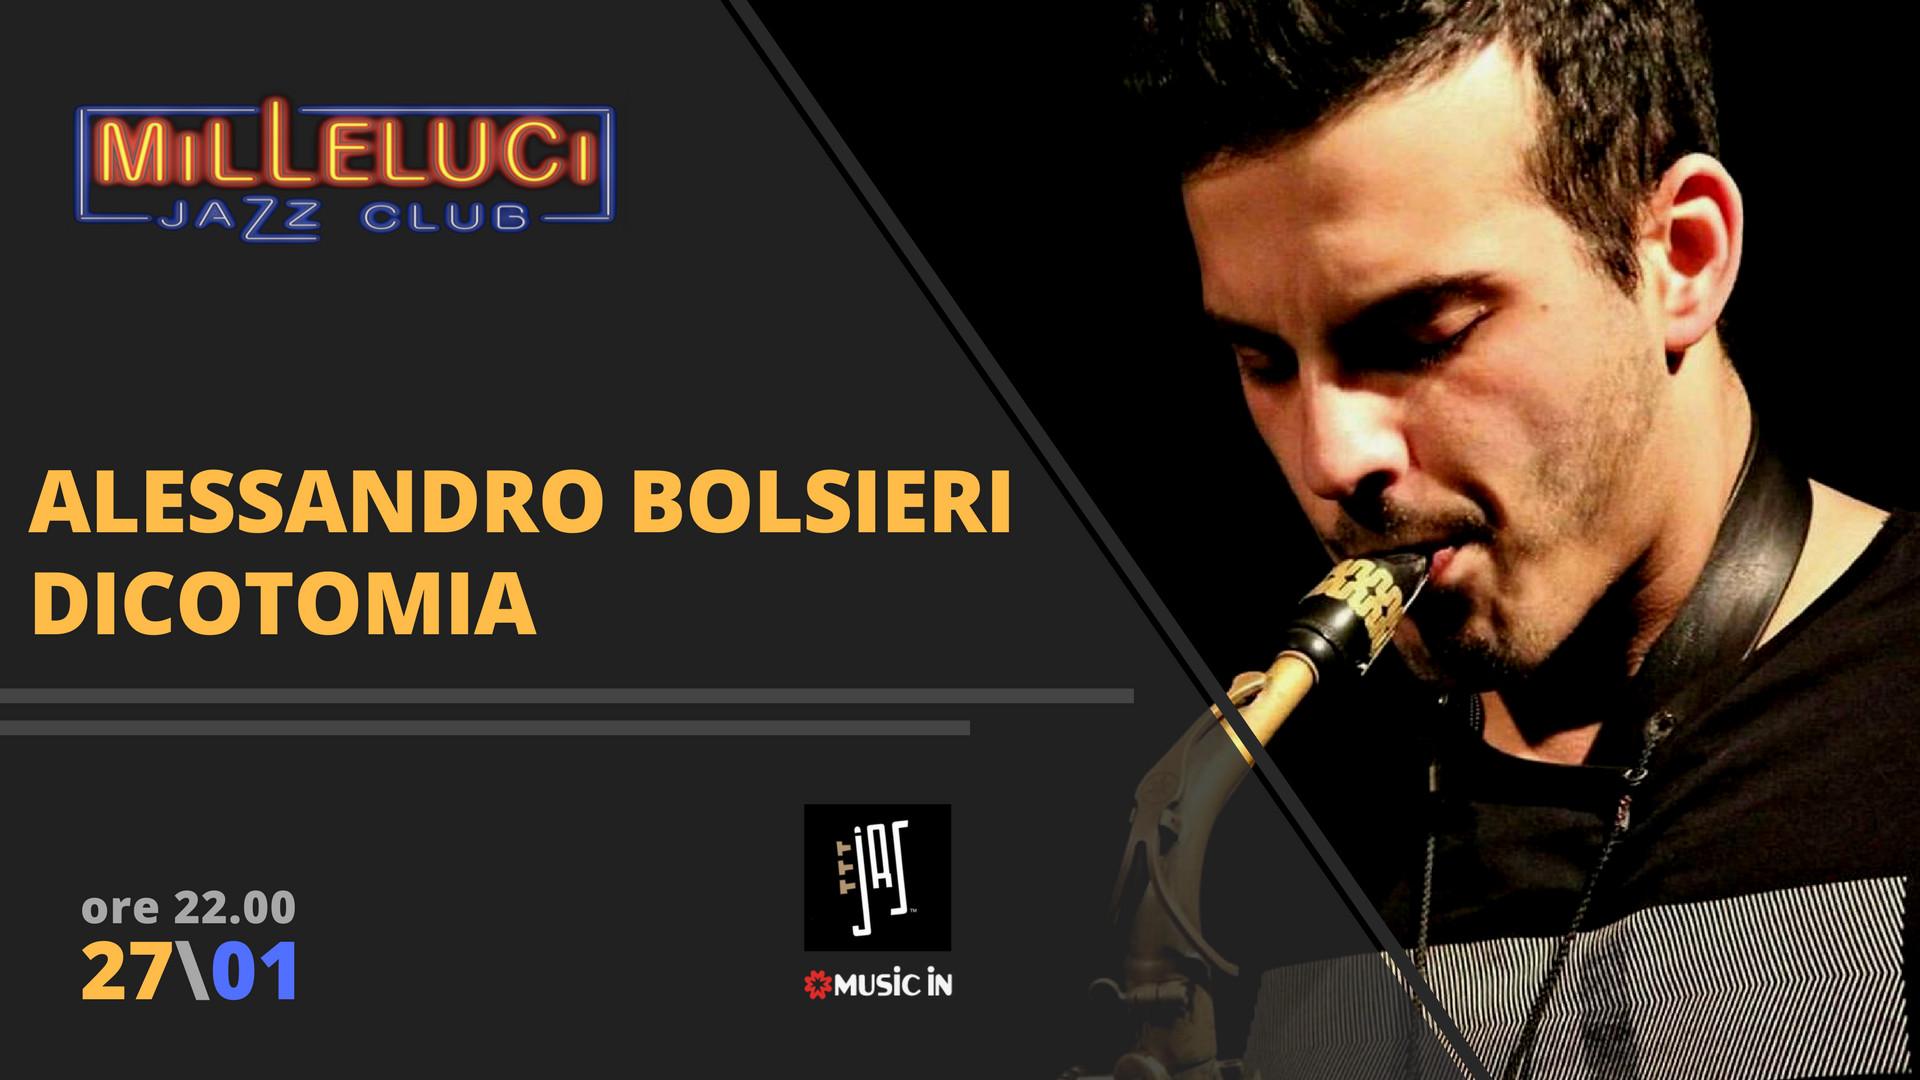 Alessandro Bolsieri